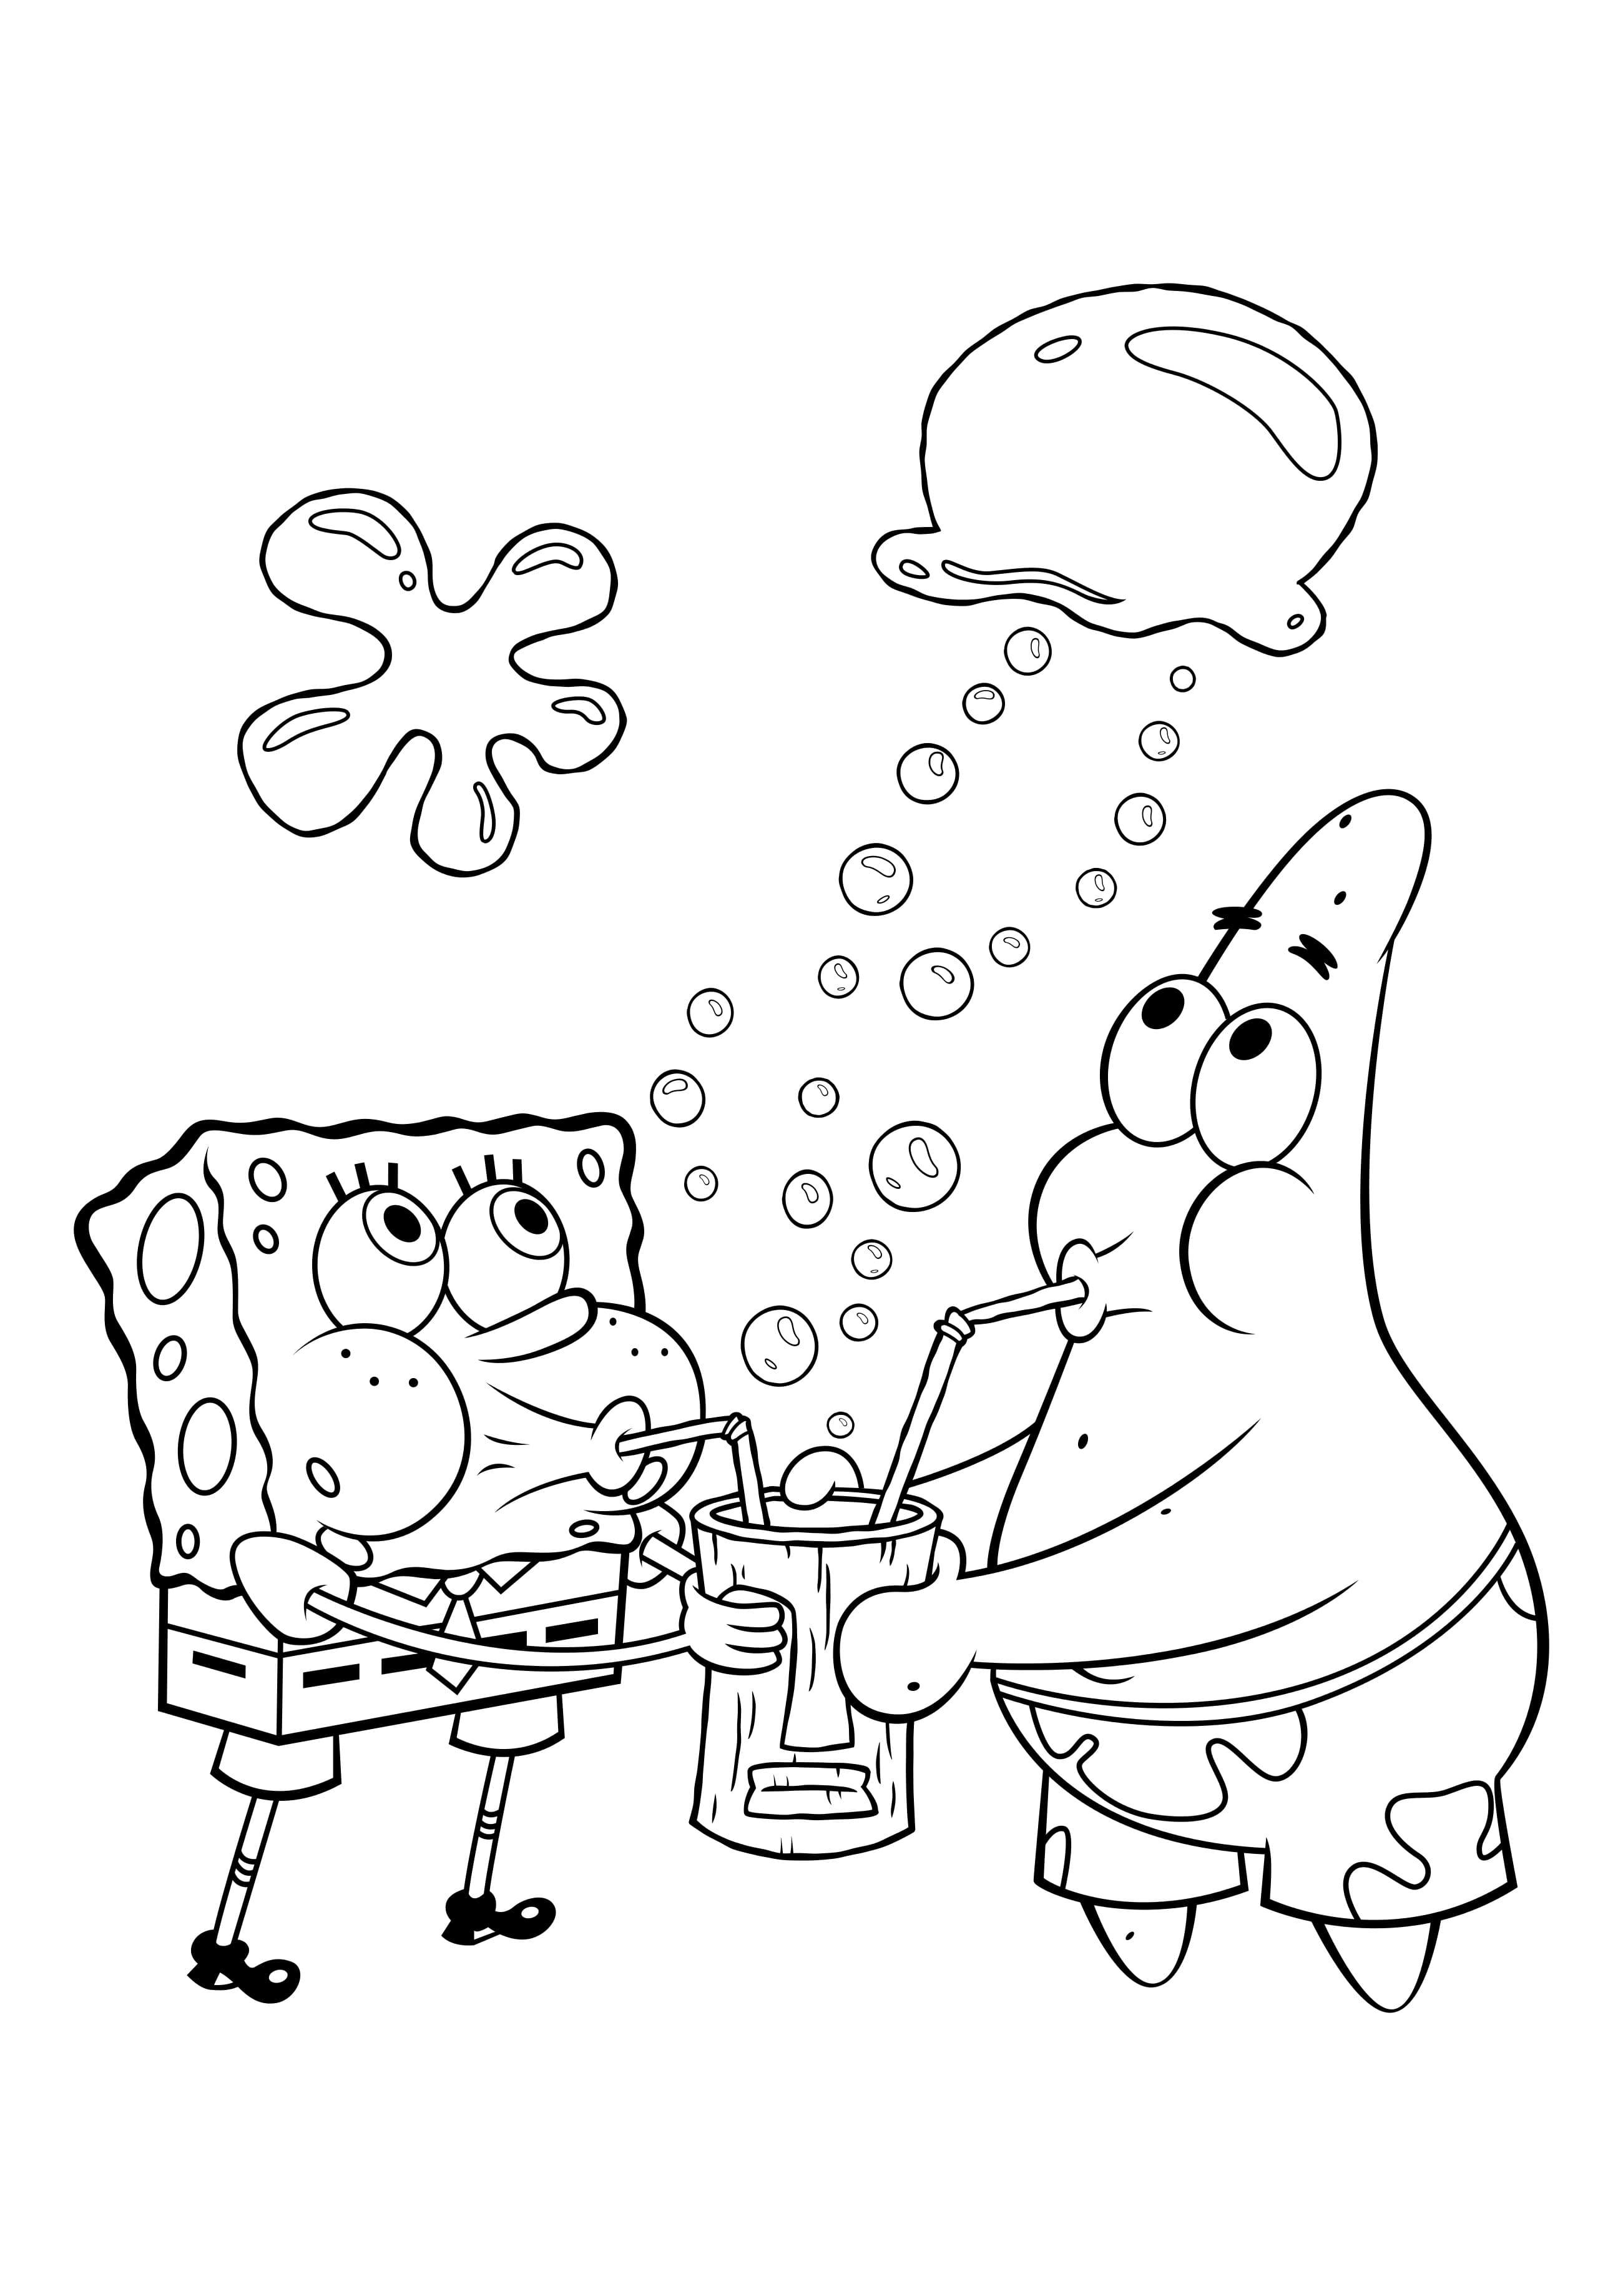 Disegni Spongebob Da Colorare.Disegni Di Spongebob Da Colorare Stampa Gratis Le Migliori Immagini